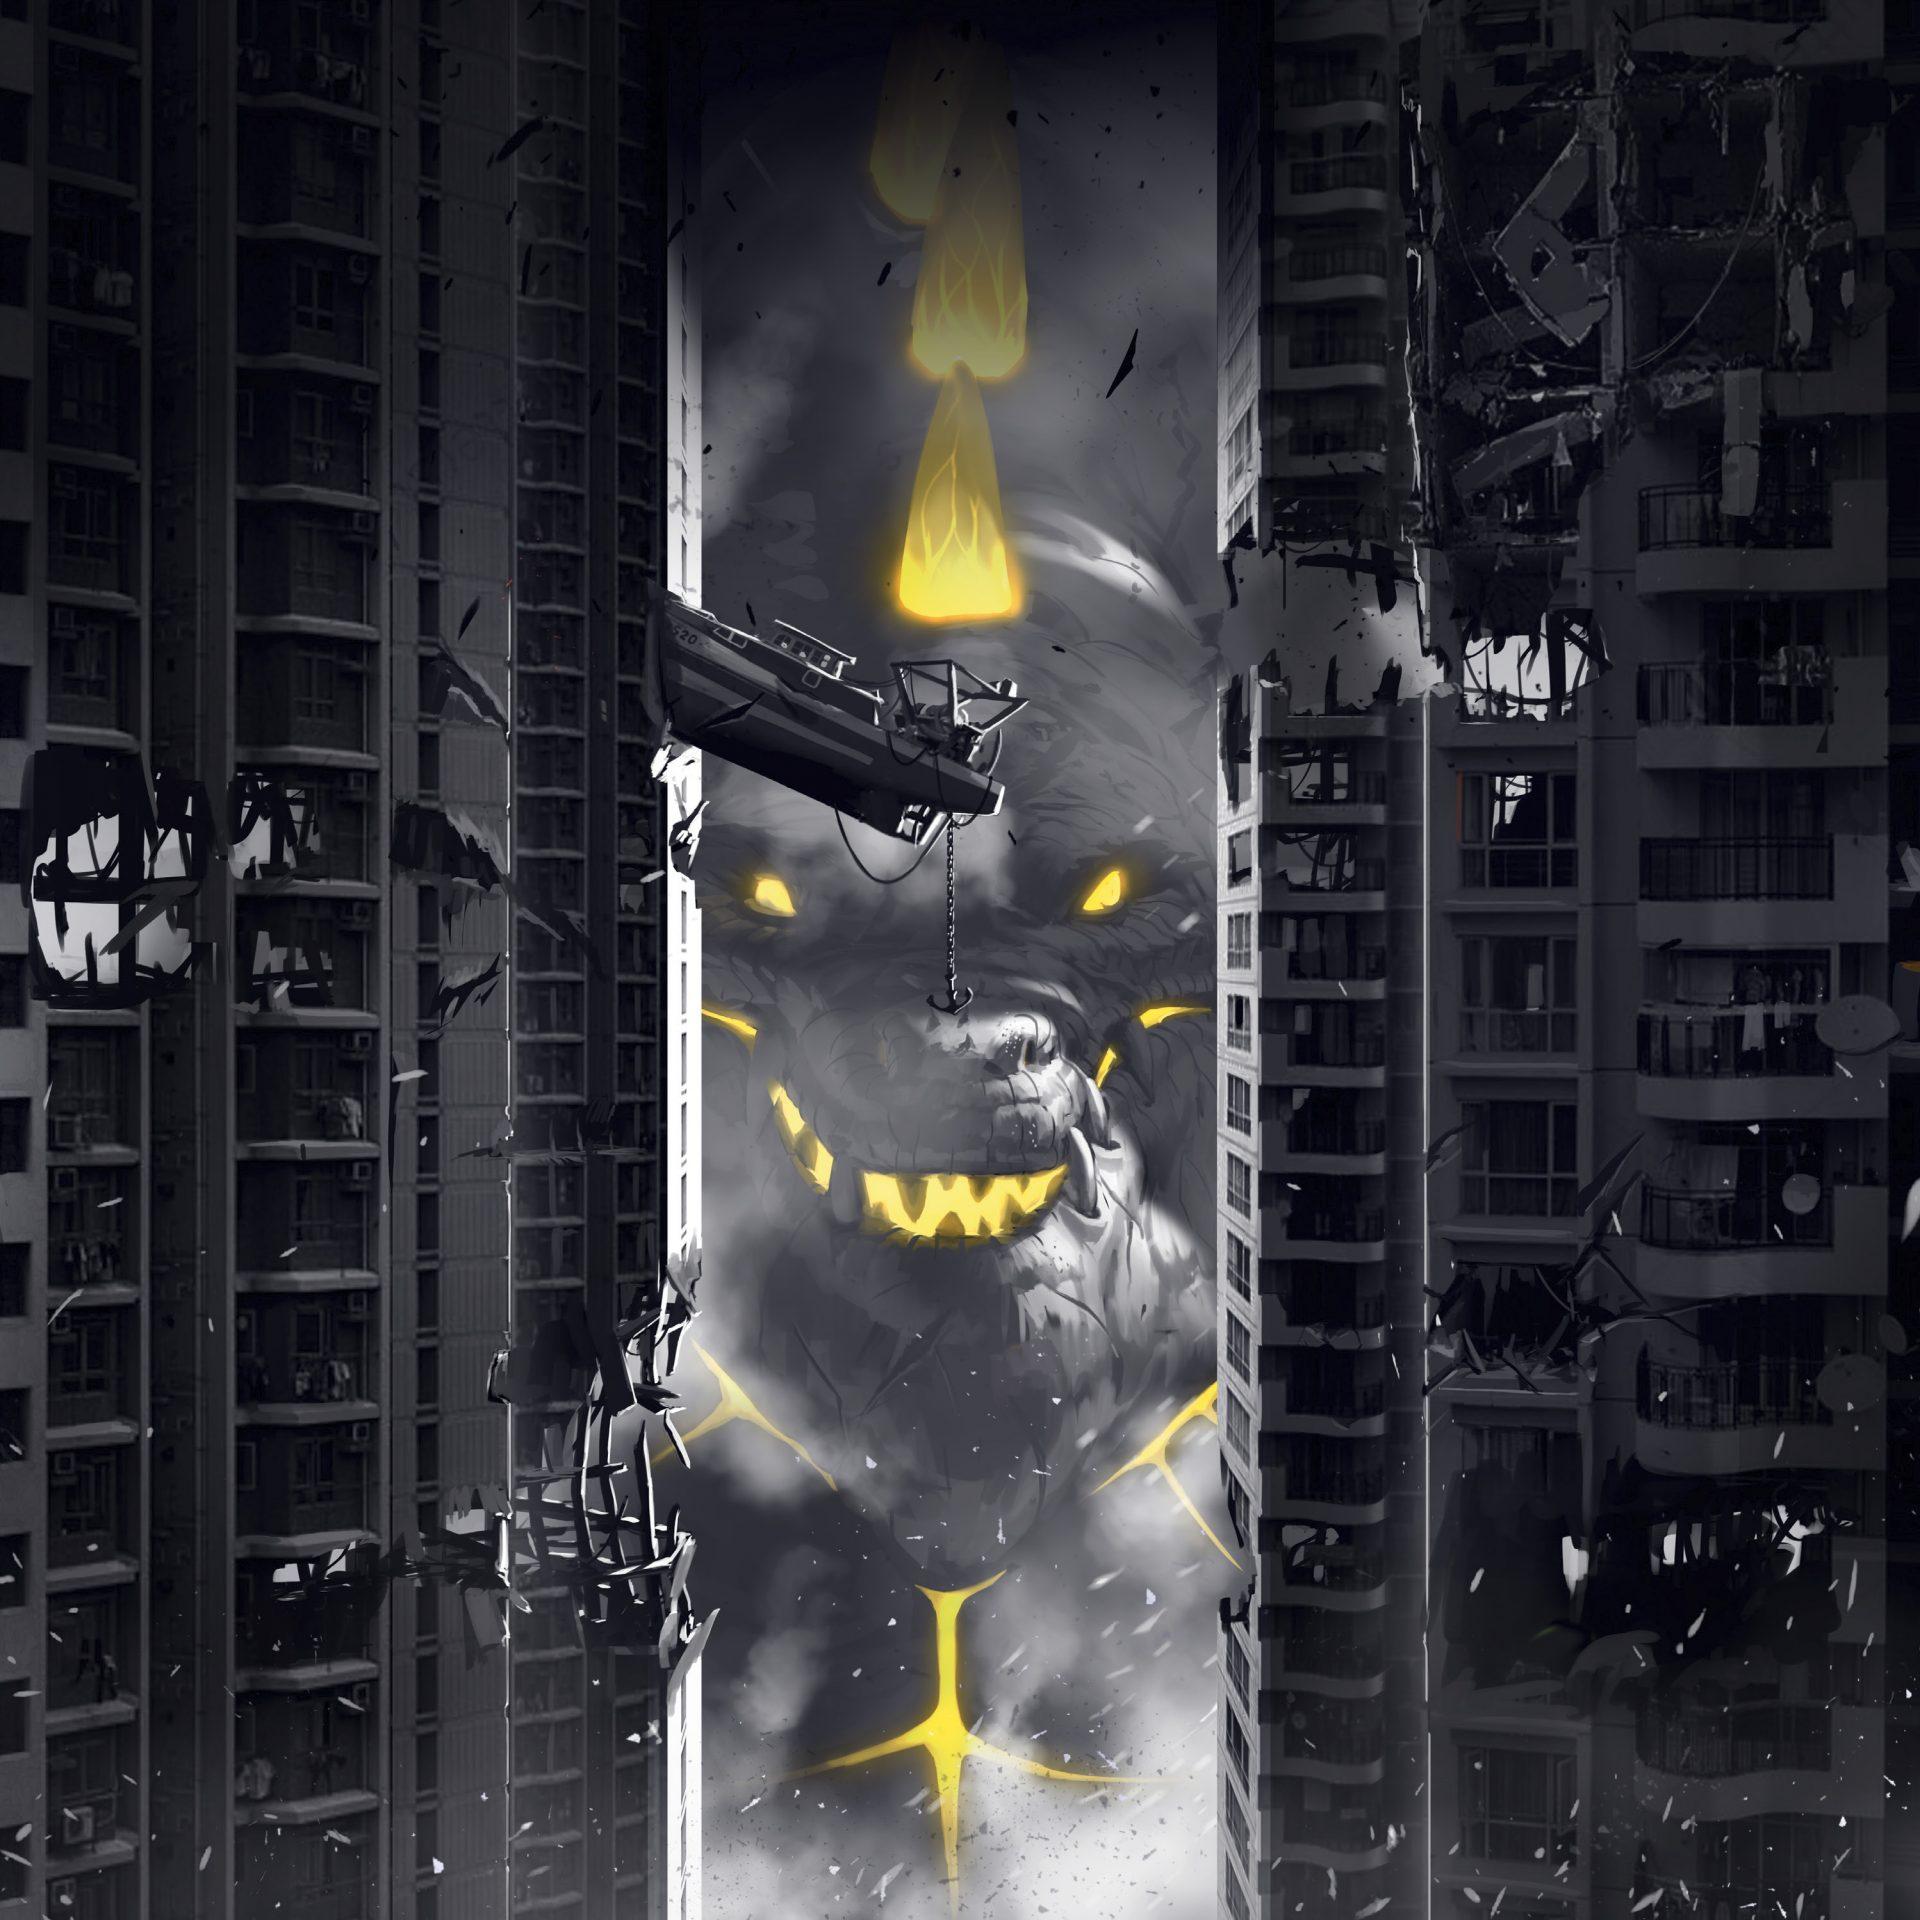 ราชันแห่งโตเกียว – Dark Edition: โหดเหี้ยมยิ่งกว่าที่เคย!